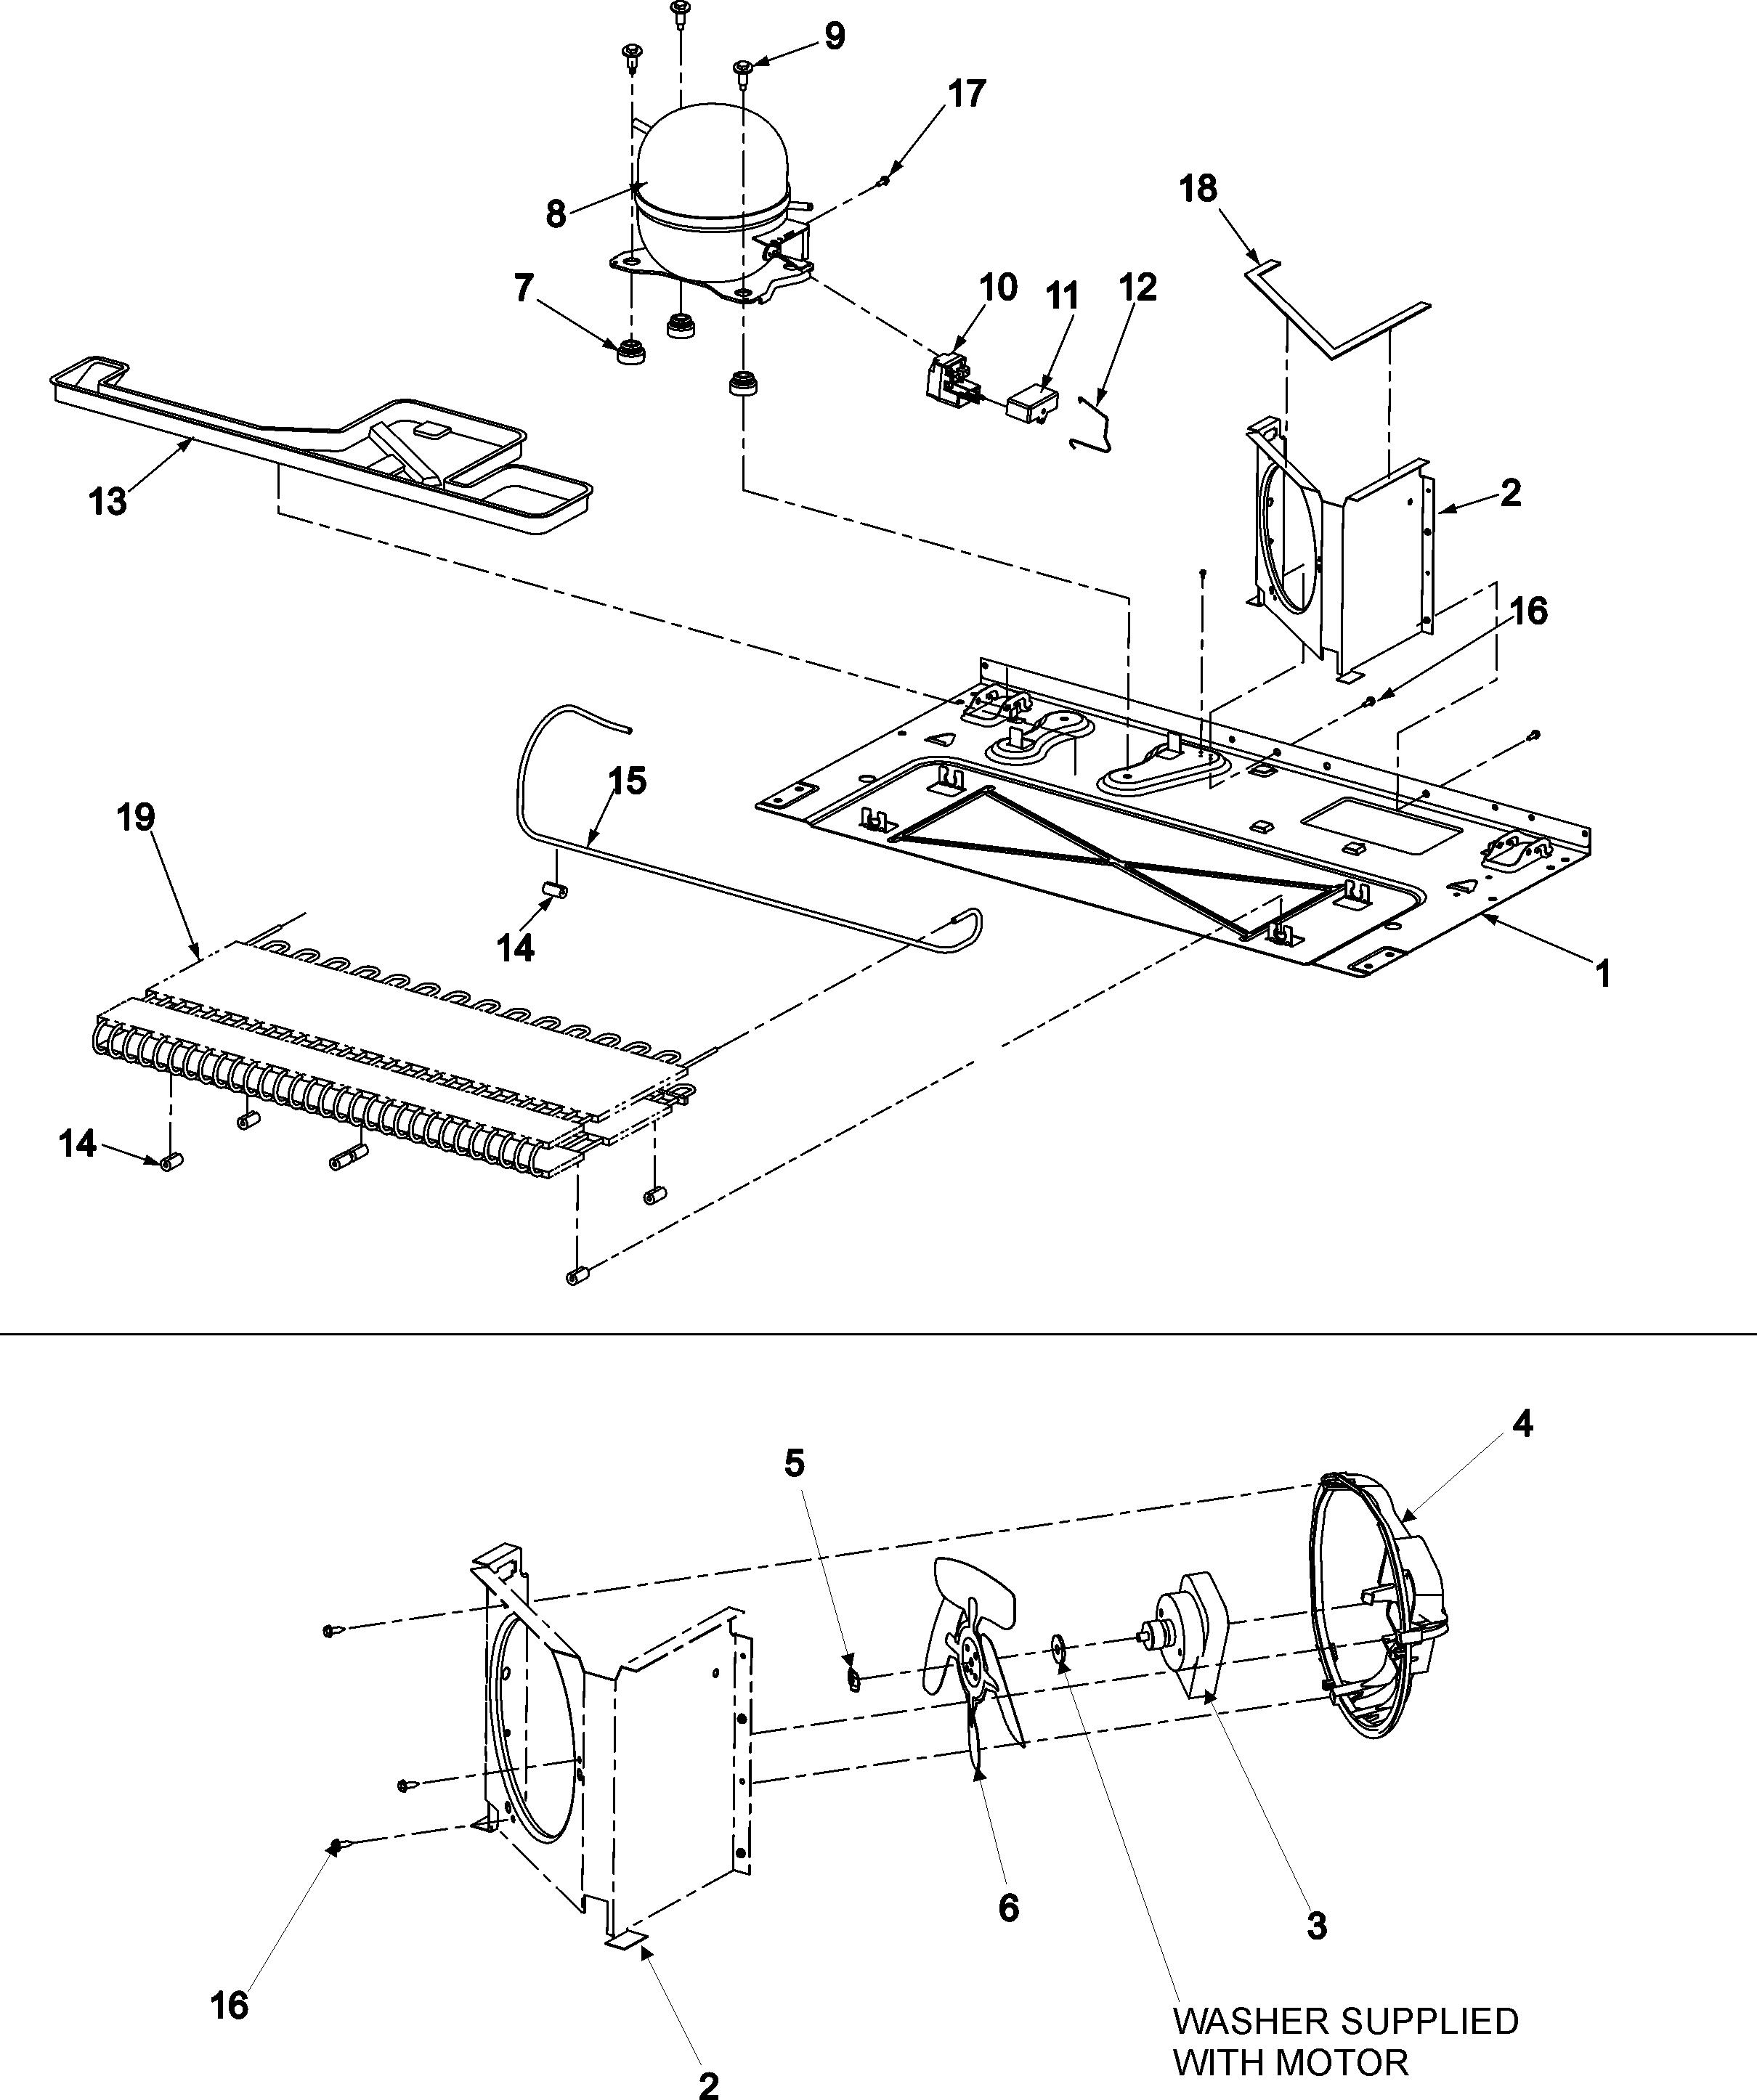 COMPRESSOR Diagram & Parts List for Model 59675523400